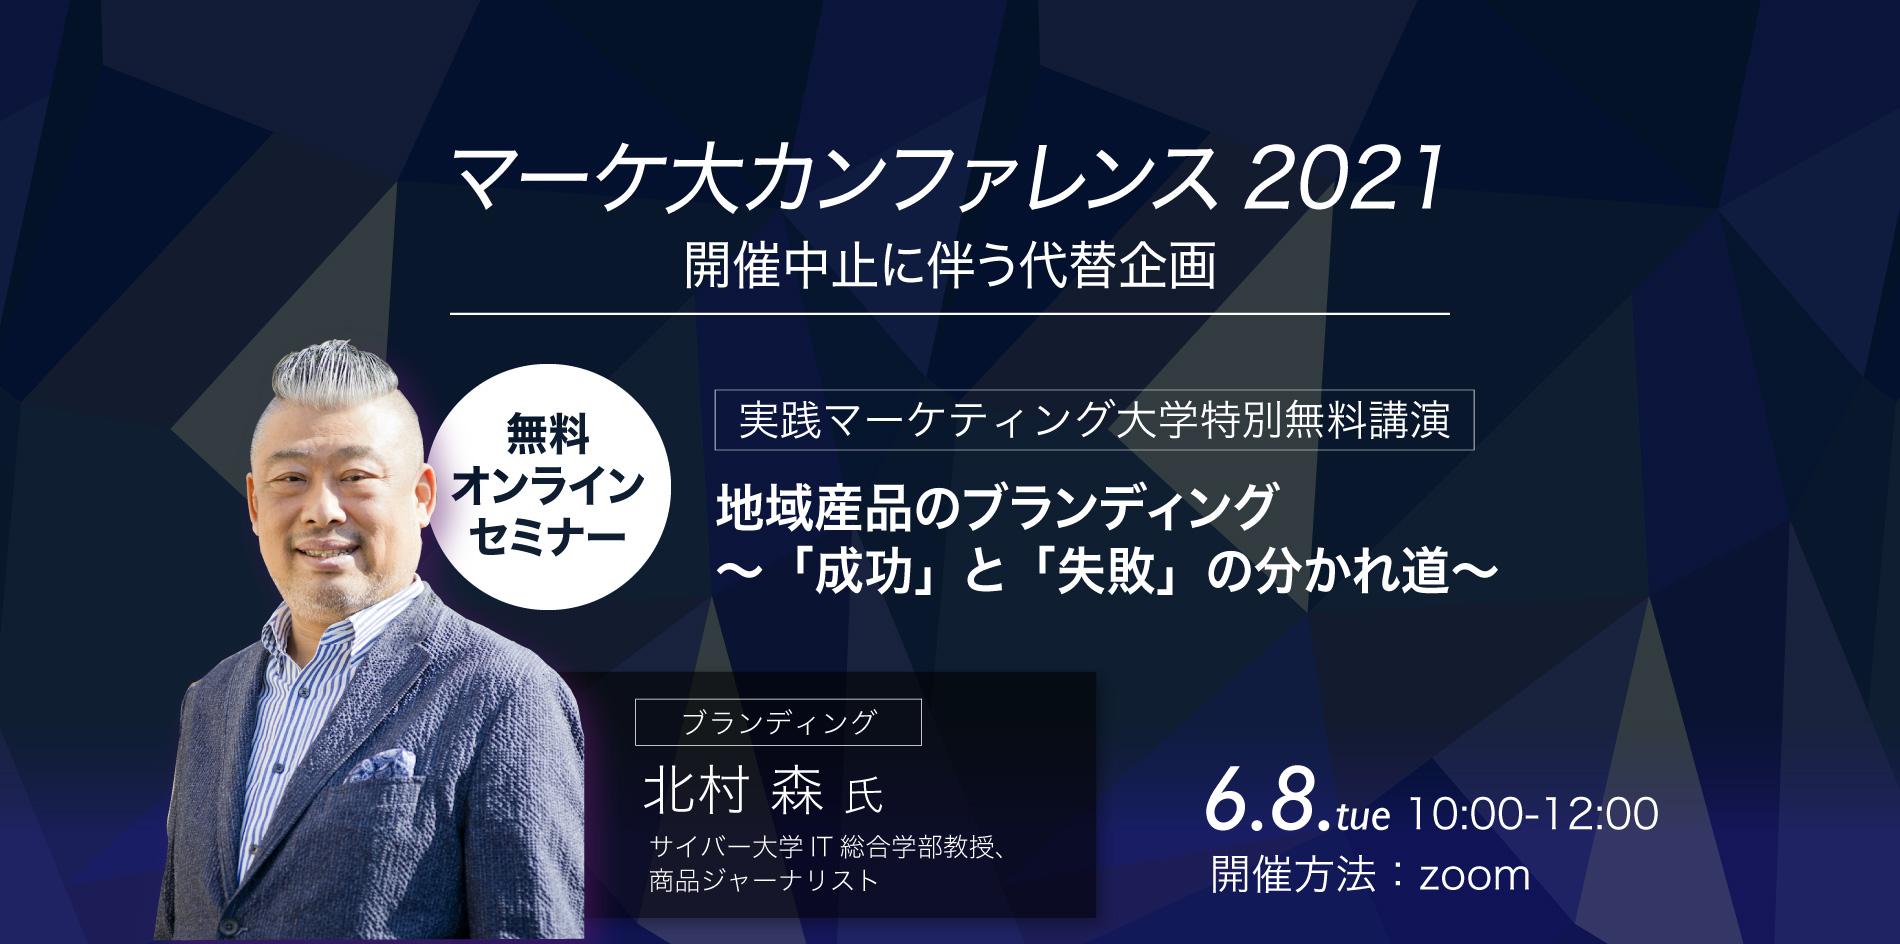 マーケ大カンファレンス2021